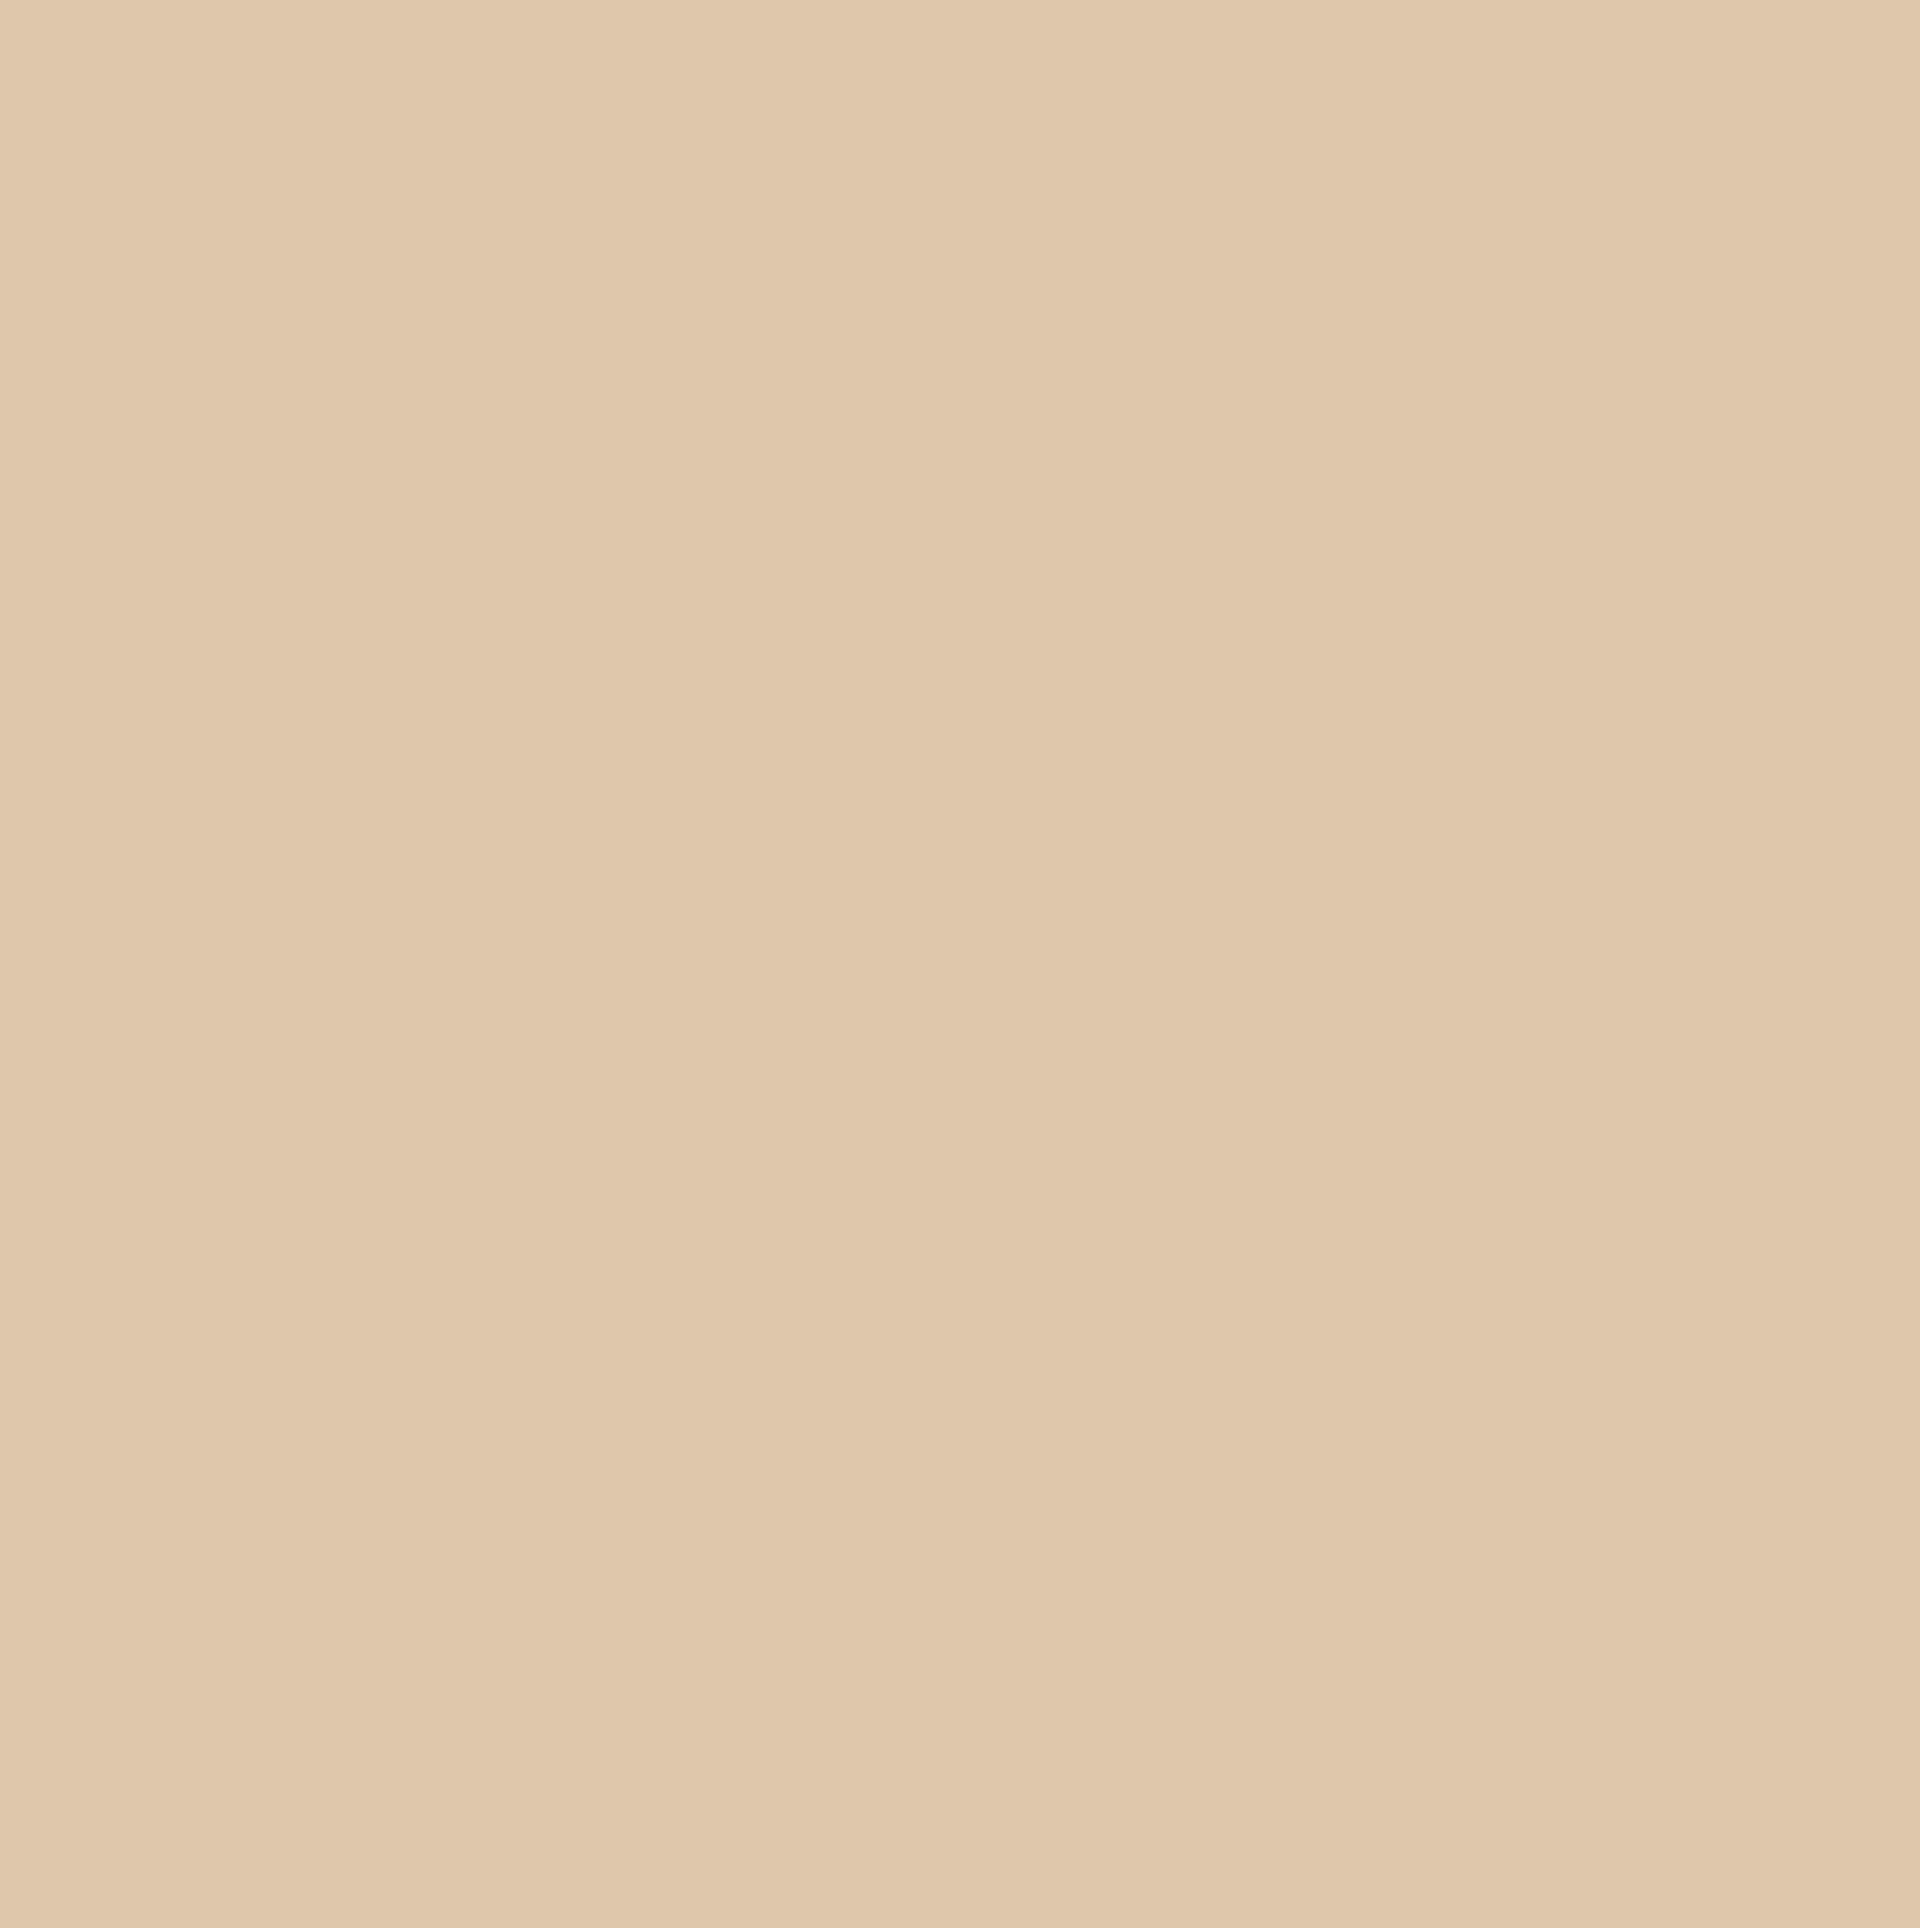 穗穗康健寶寶細麵,無添加人工色素、無添加鹽、味精,使用高級粉心粉,檢驗合格蔬果粉